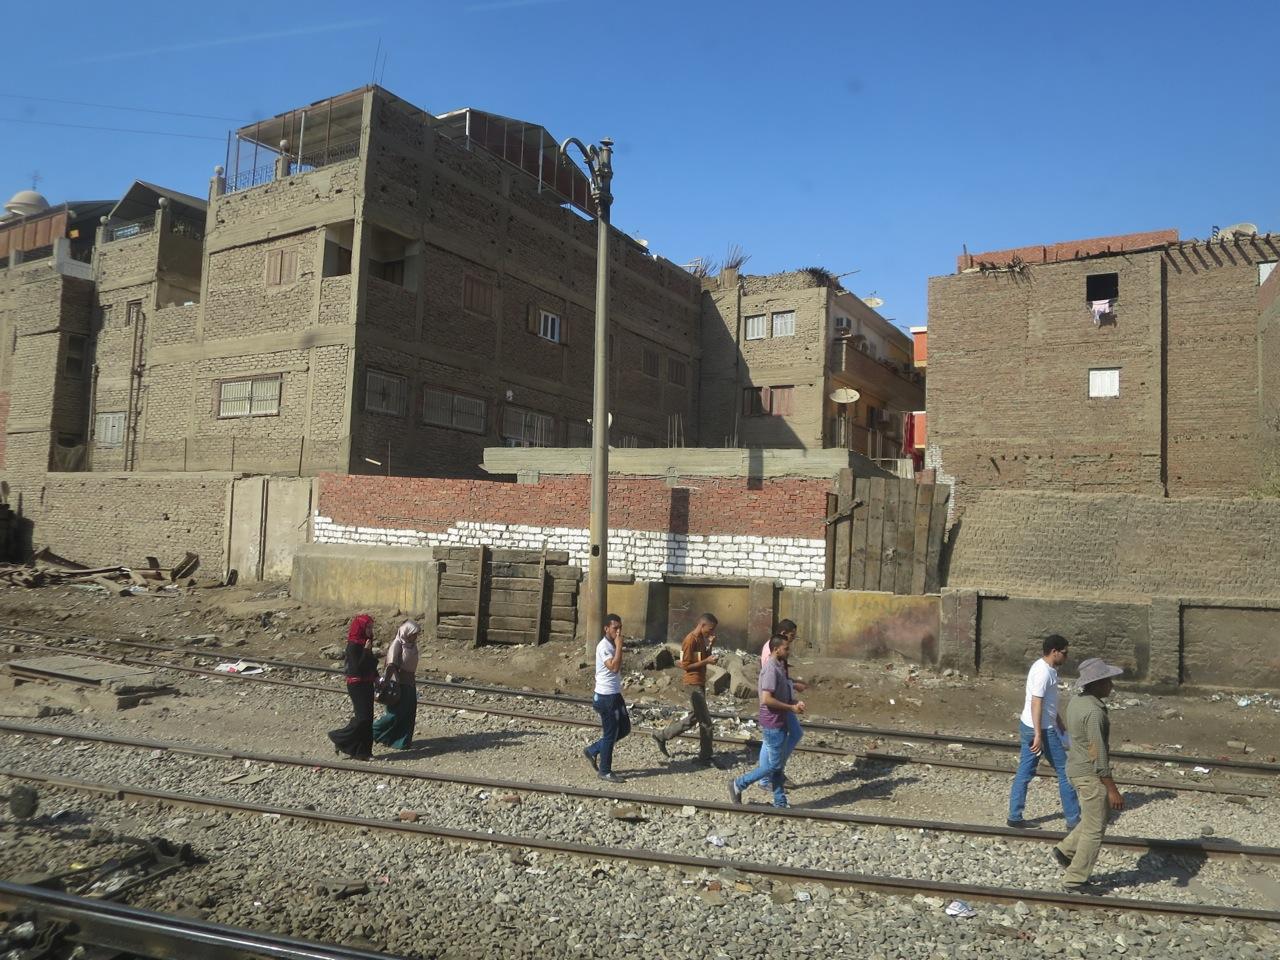 Trem no Egito 1-10